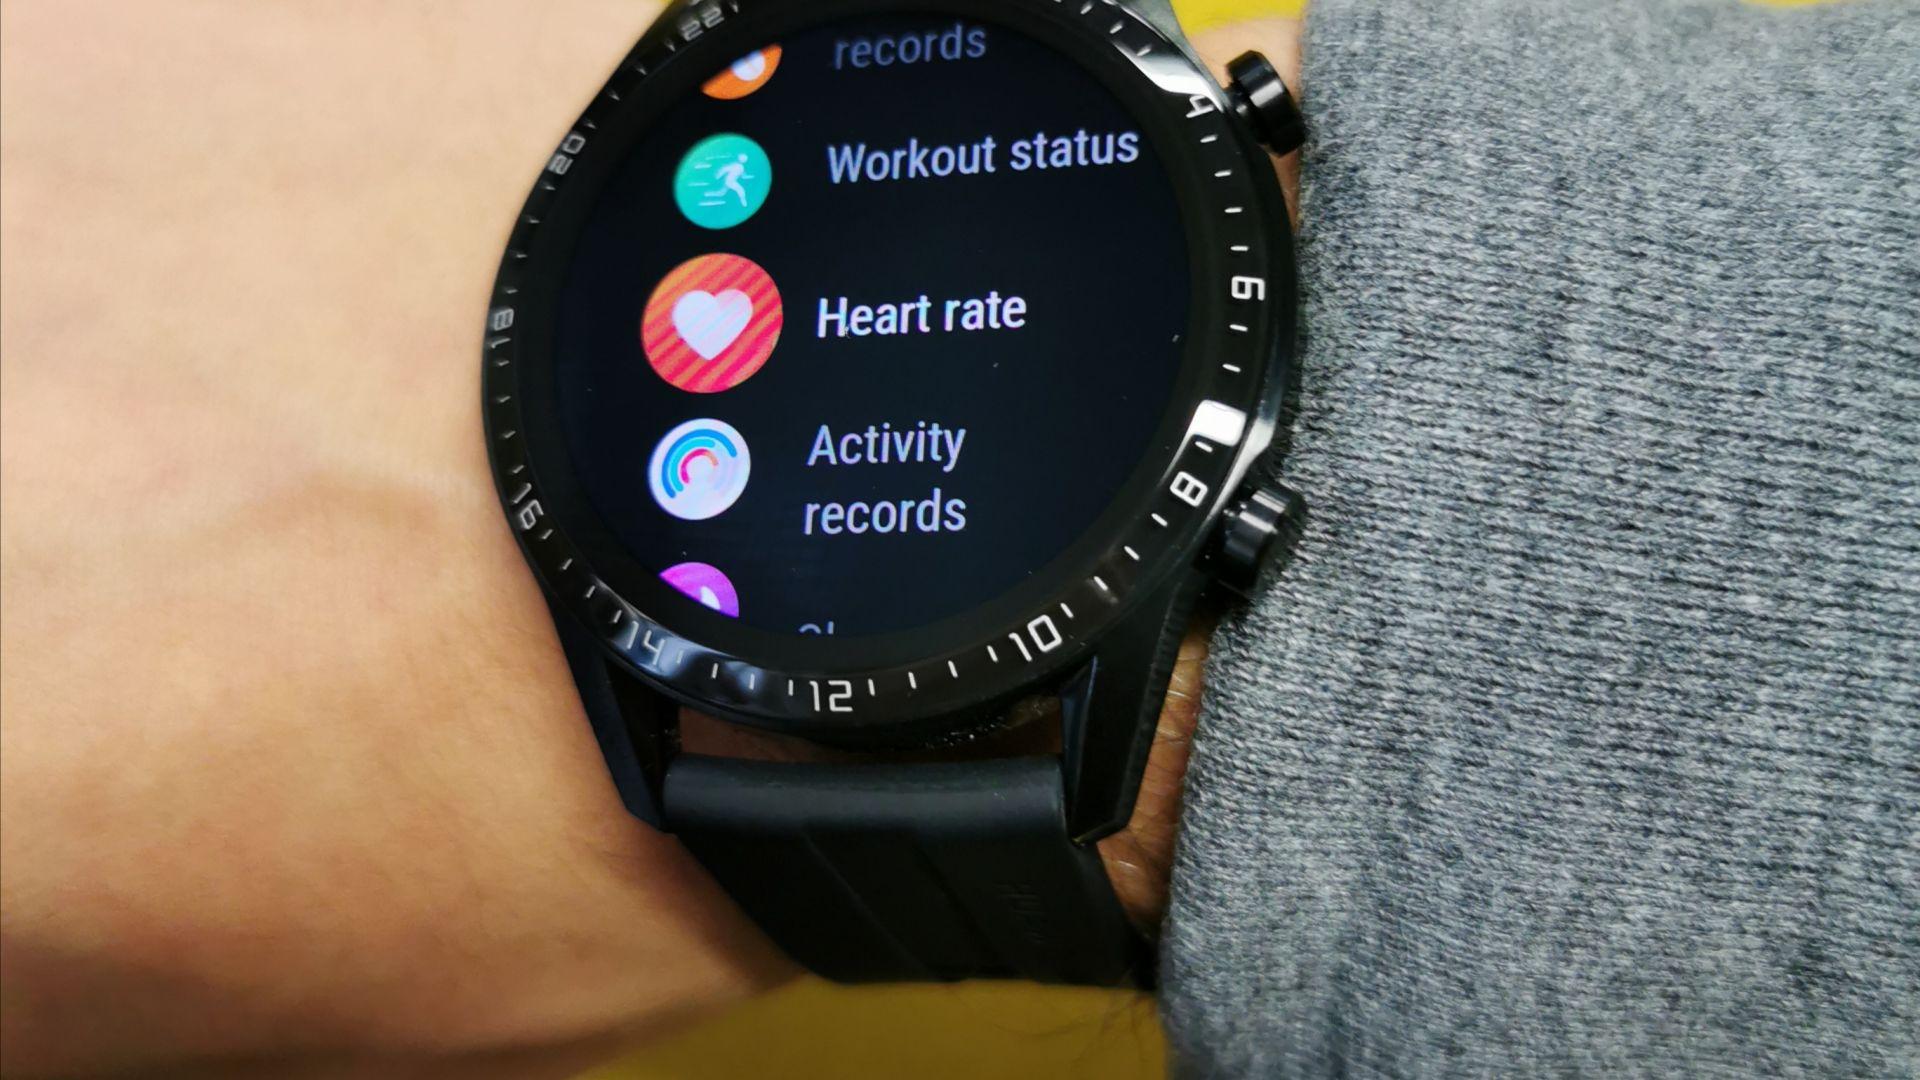 Ако искате да водите по-здравословен начин на живот или да отслабнете - Huawei Watch GT 2 е идеалният помощник за това